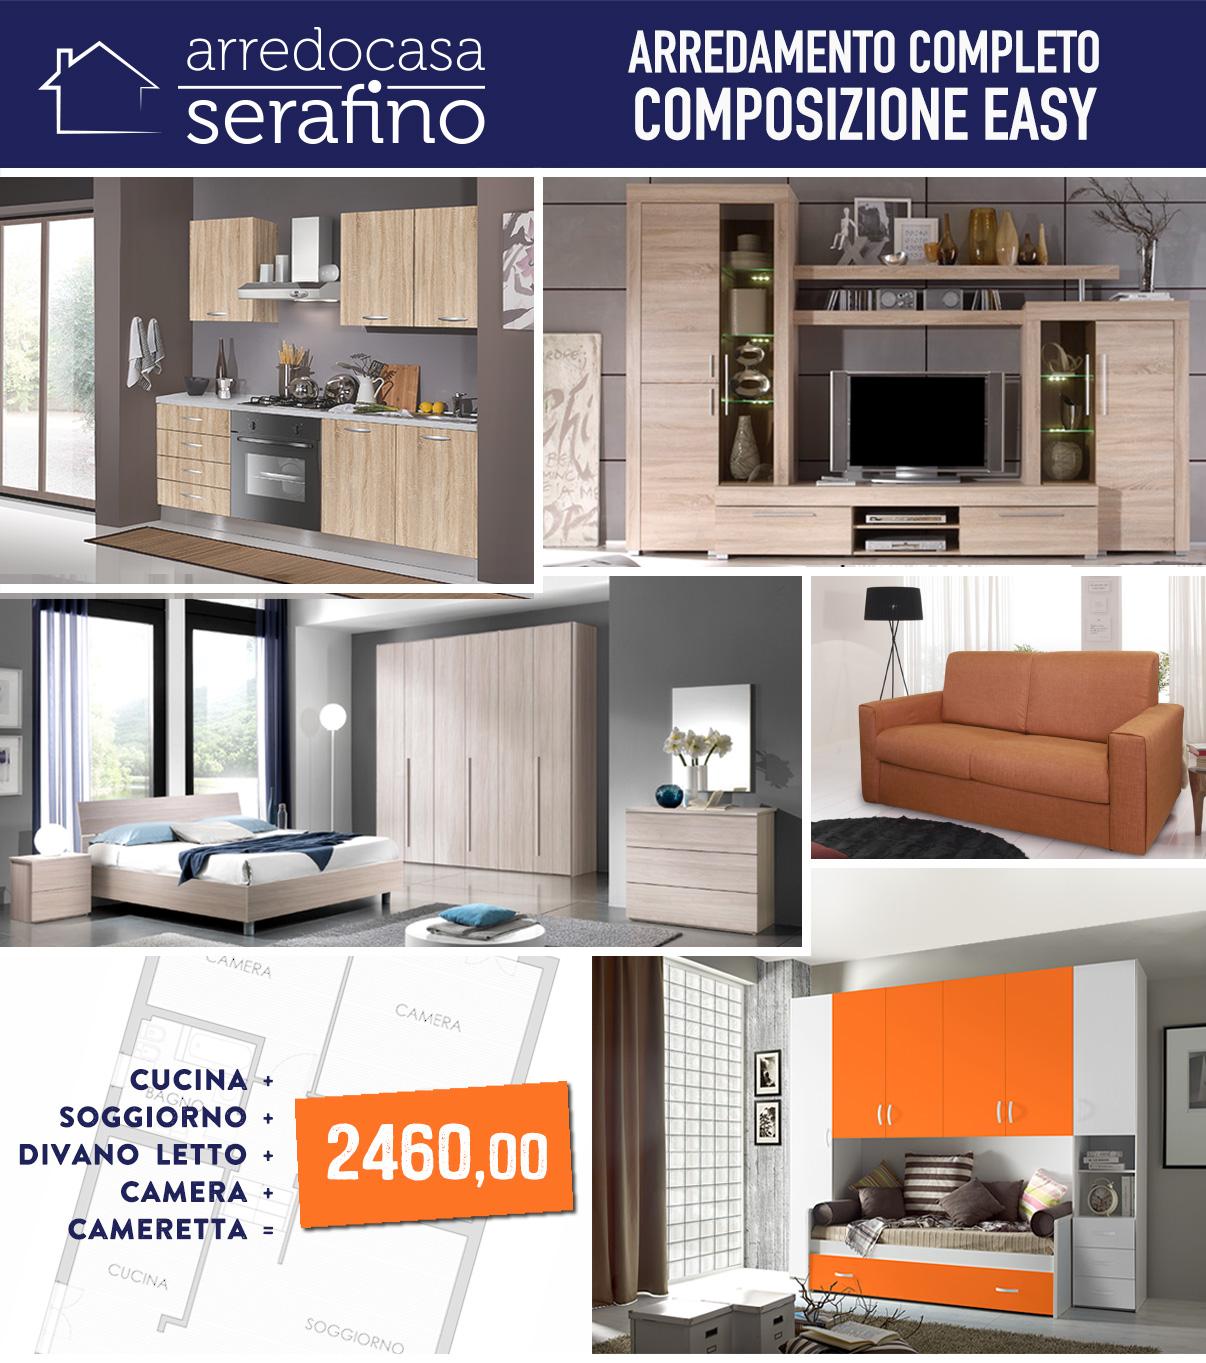 Arredamento Completo – EASY – Arredocasa Serafino